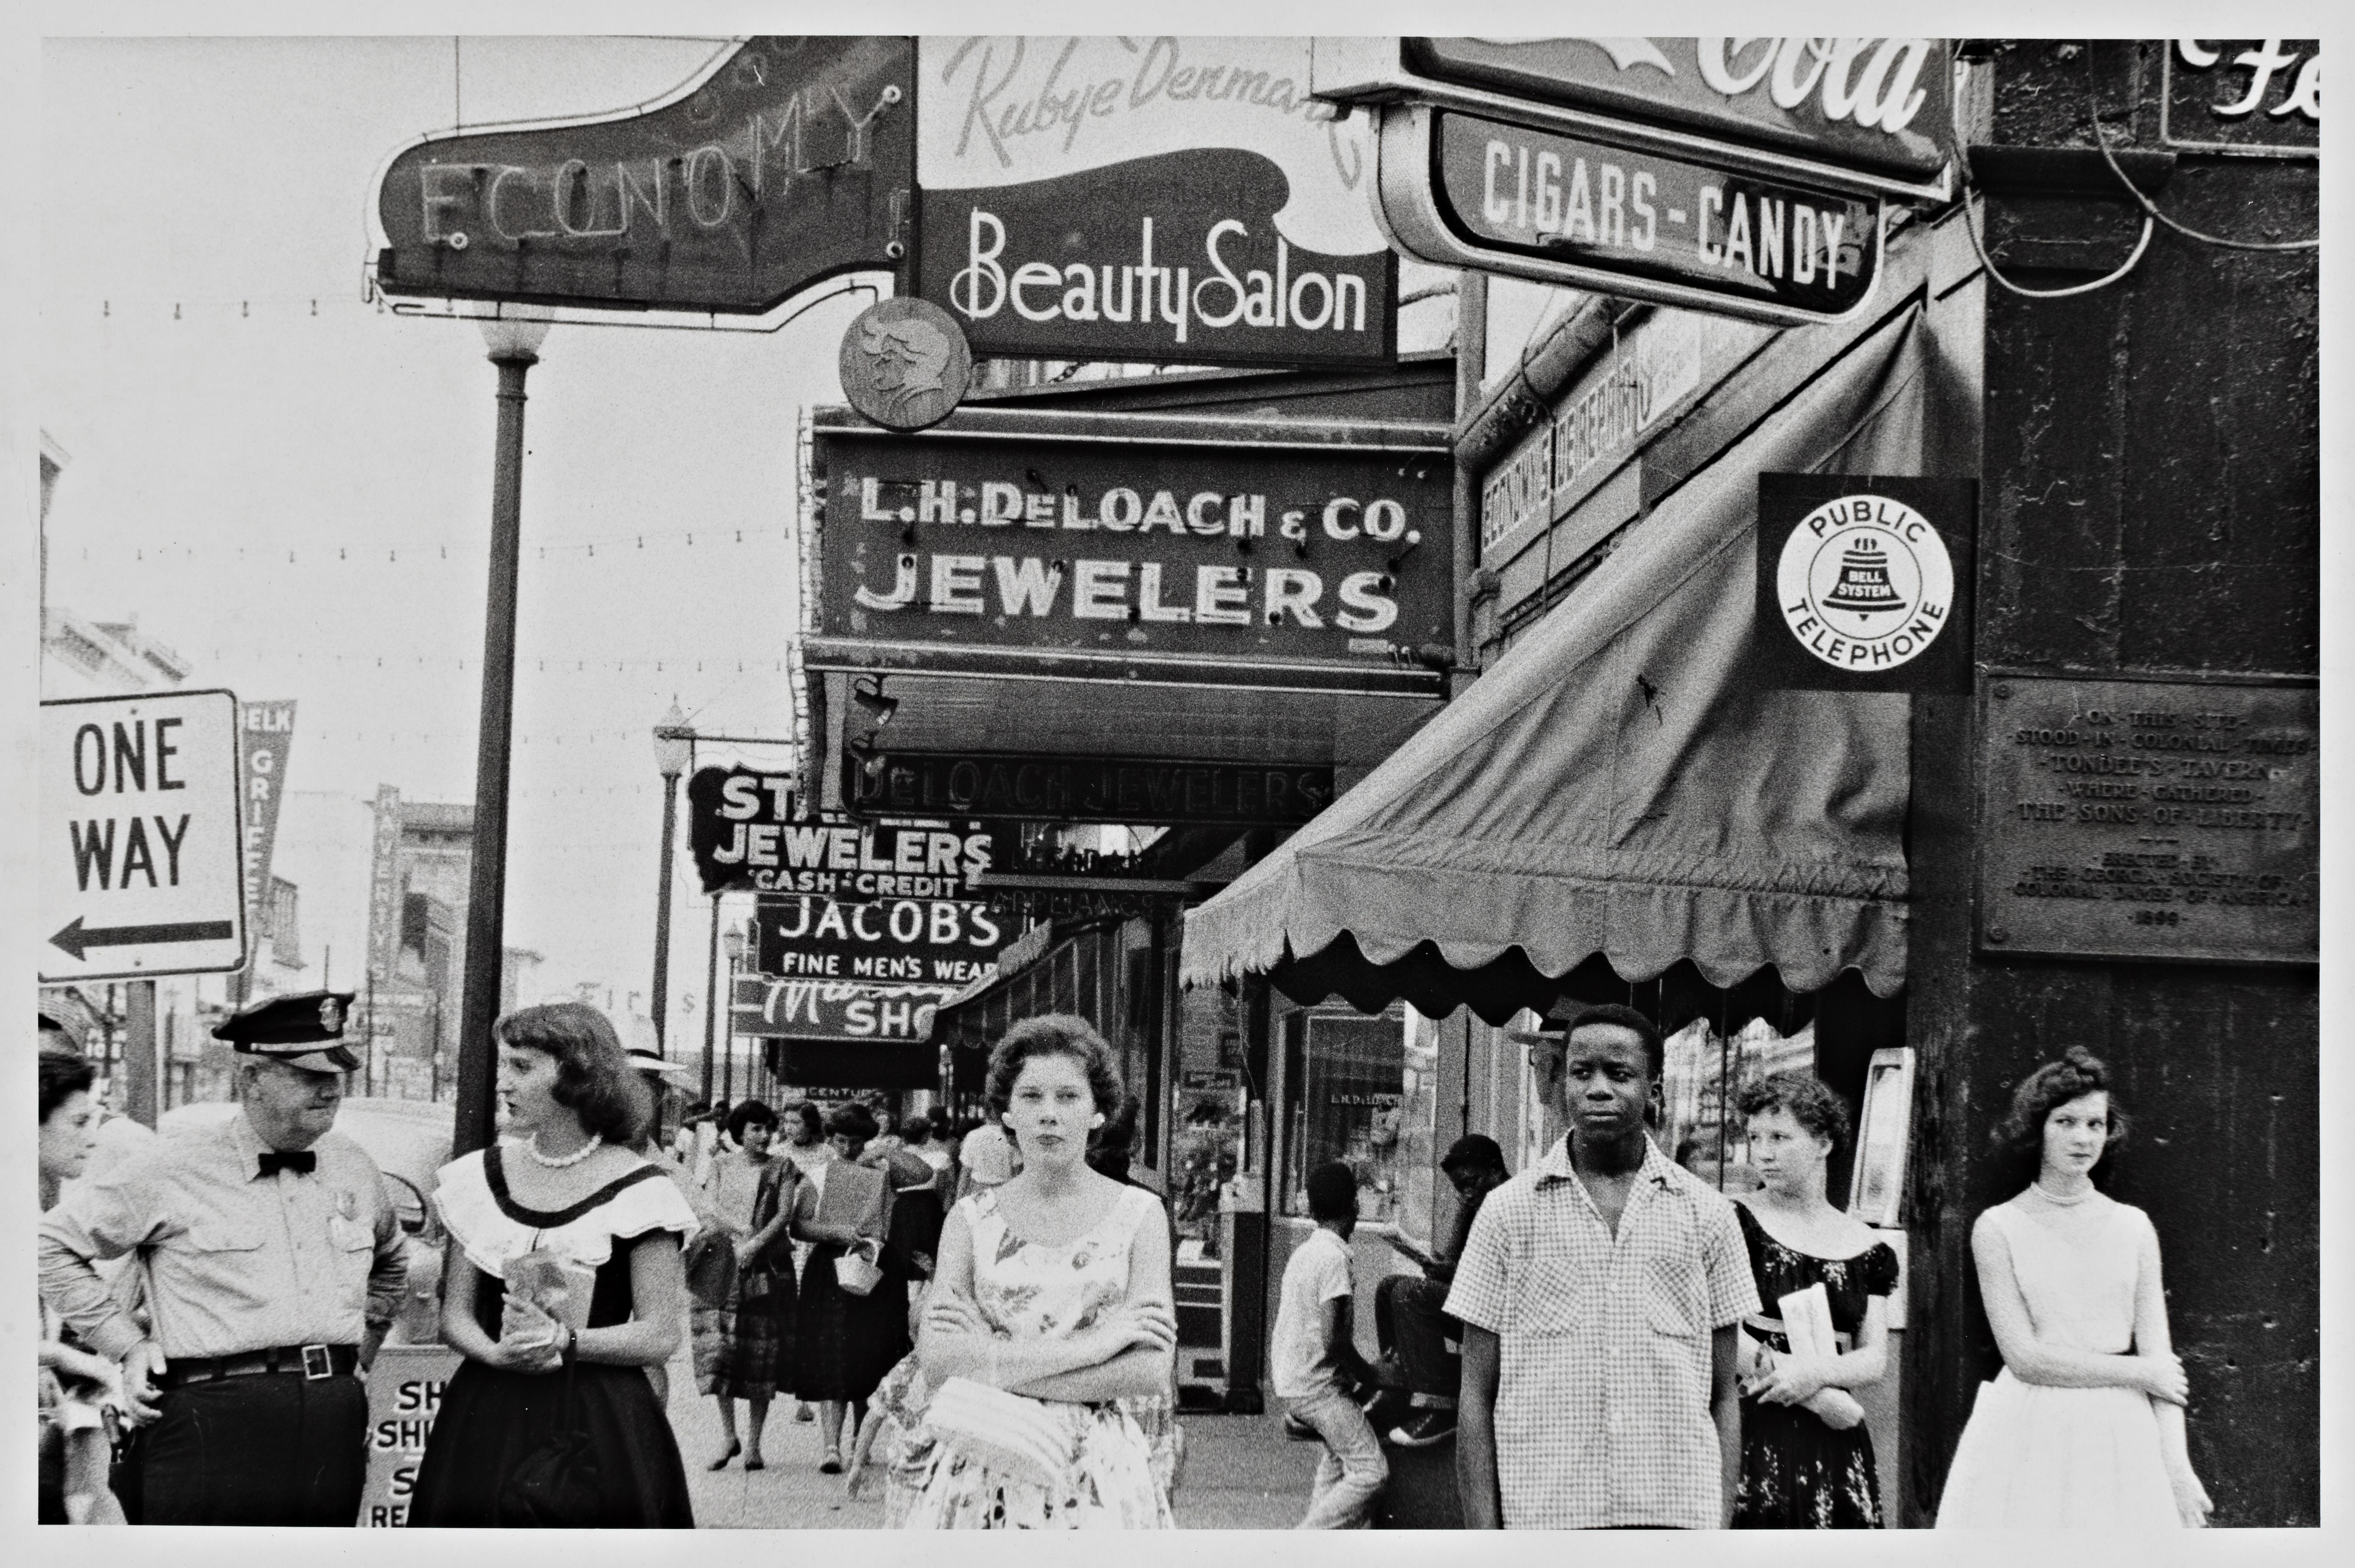 Robert Frank fotografiando la exclusión social